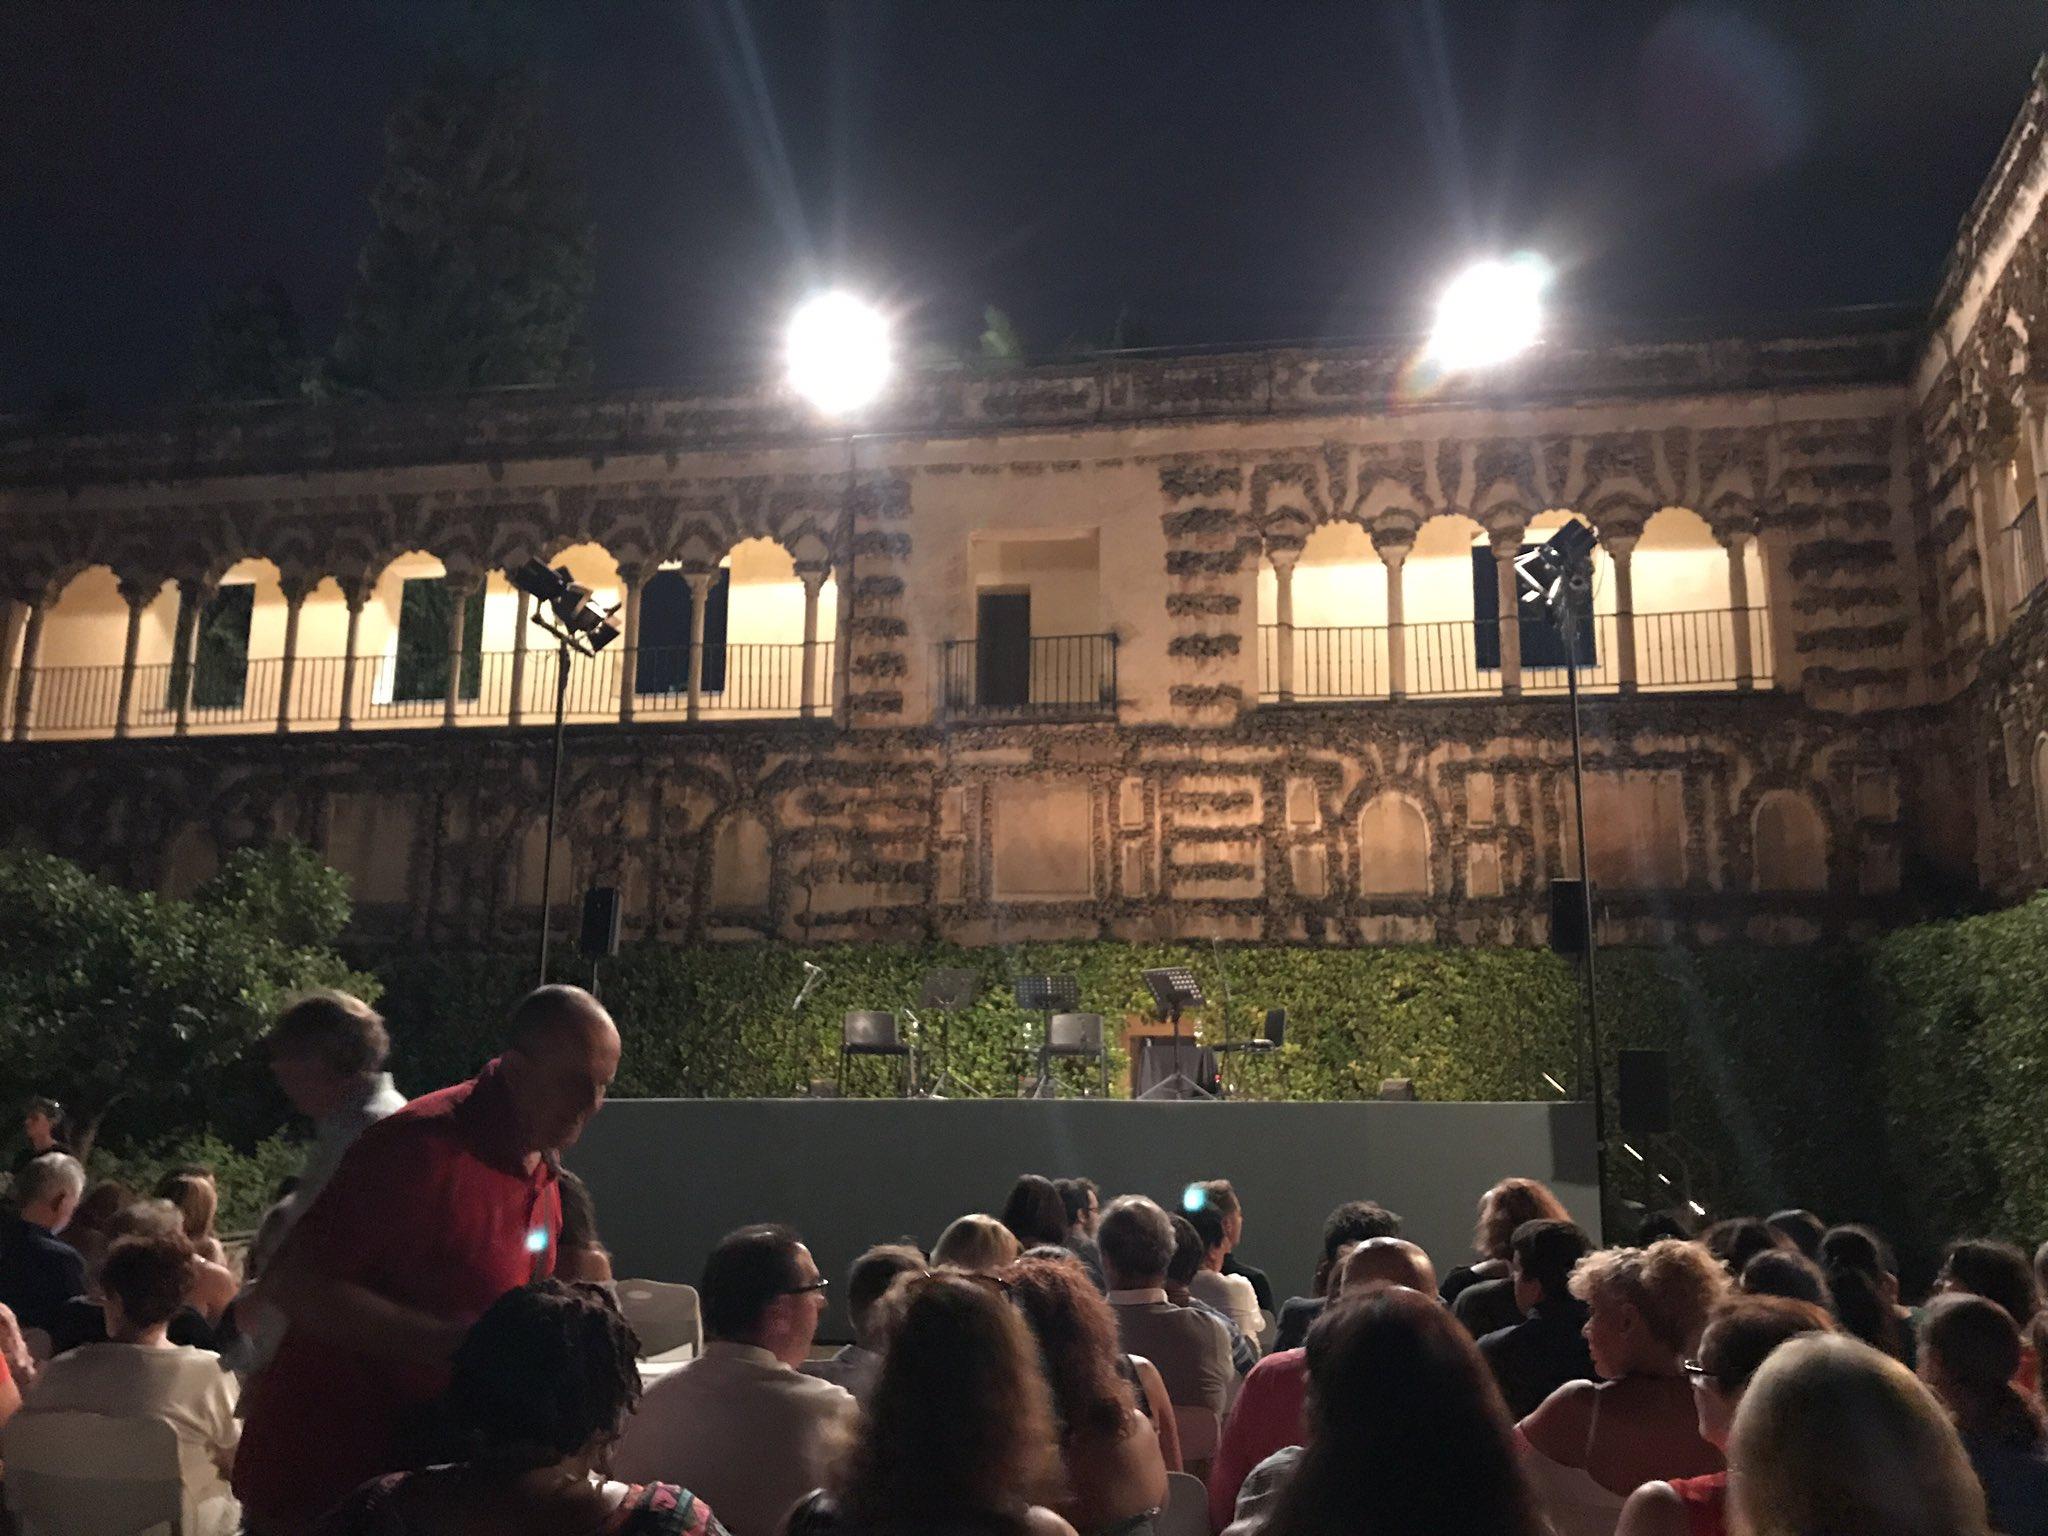 Hoy toca disfrutar de las @NochesAlcazar con @actideacultura #CulturaSev https://t.co/Buqv2cetKa